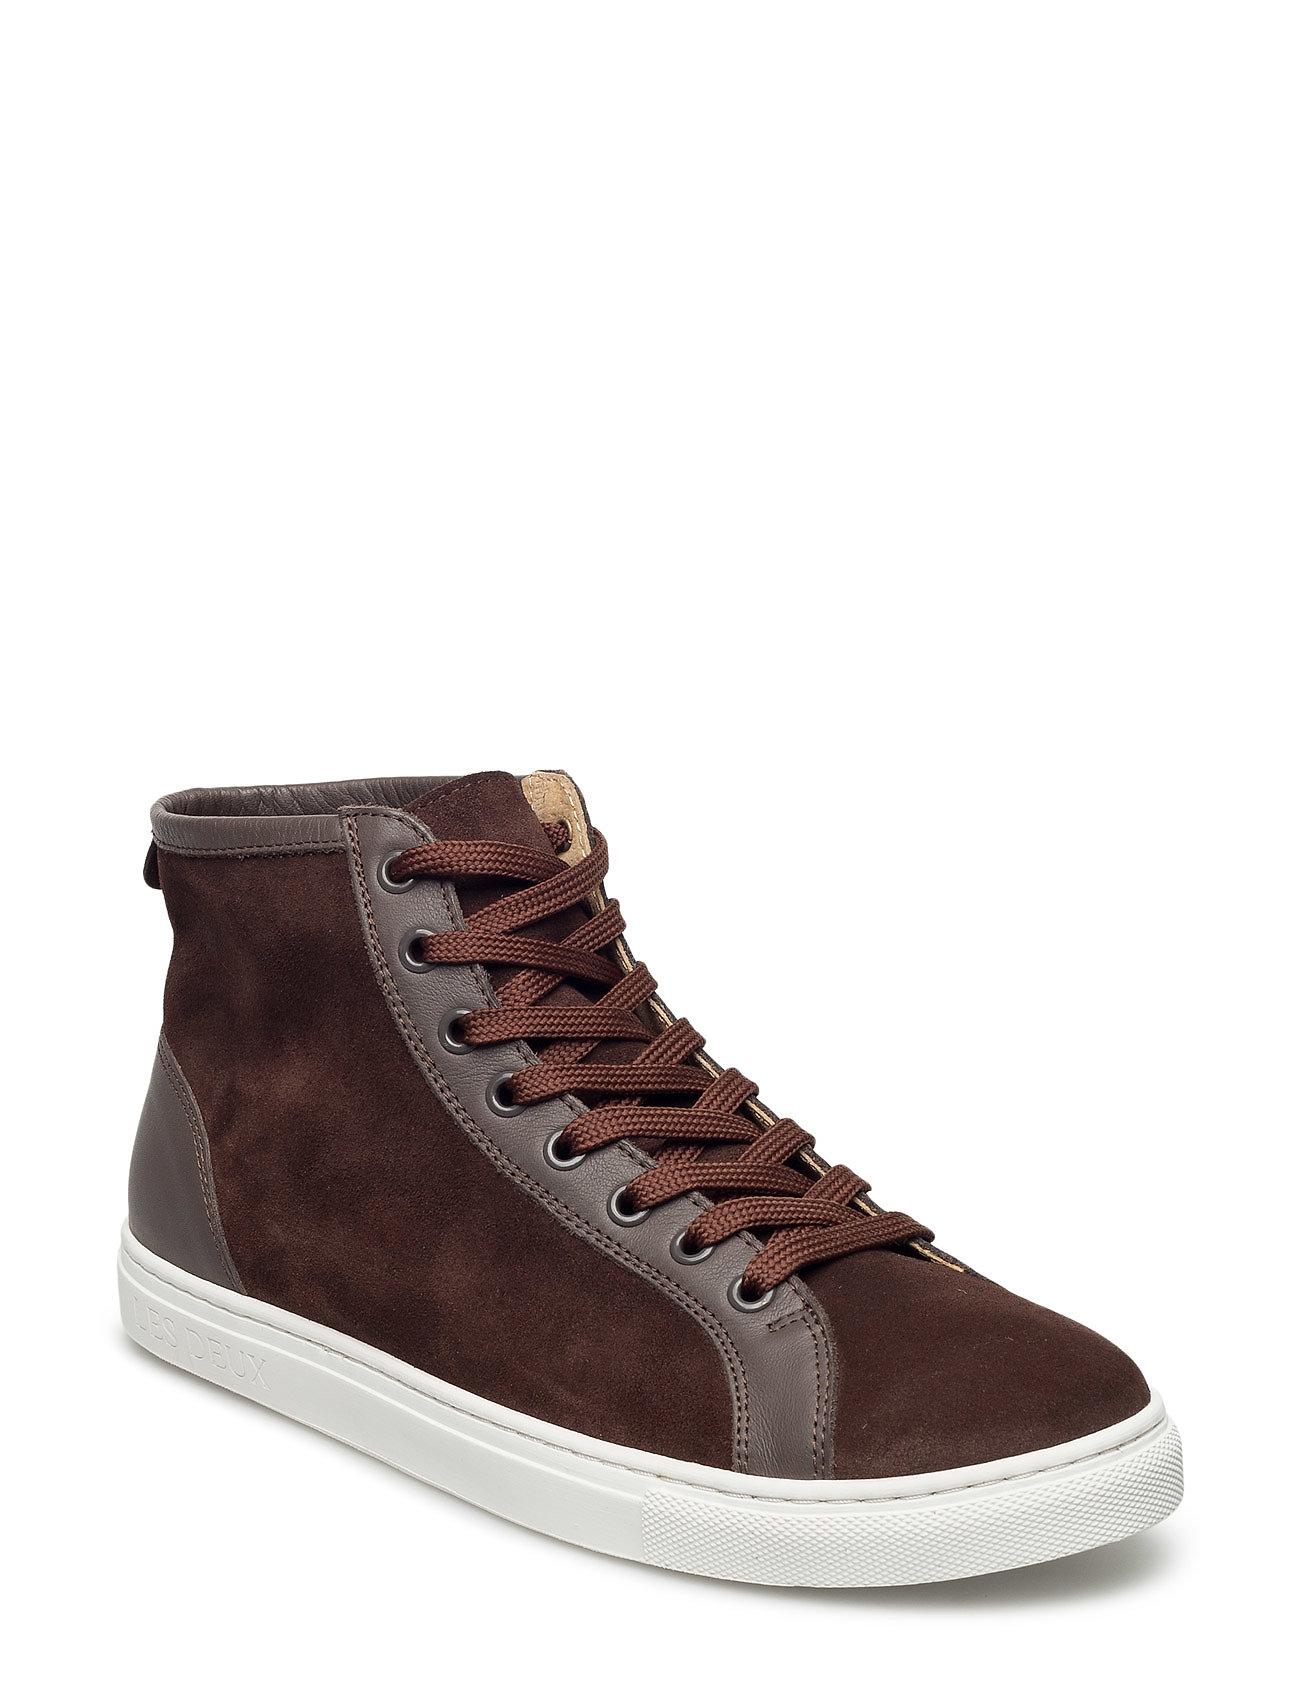 Shoes William Les Deux Gymnastikskor